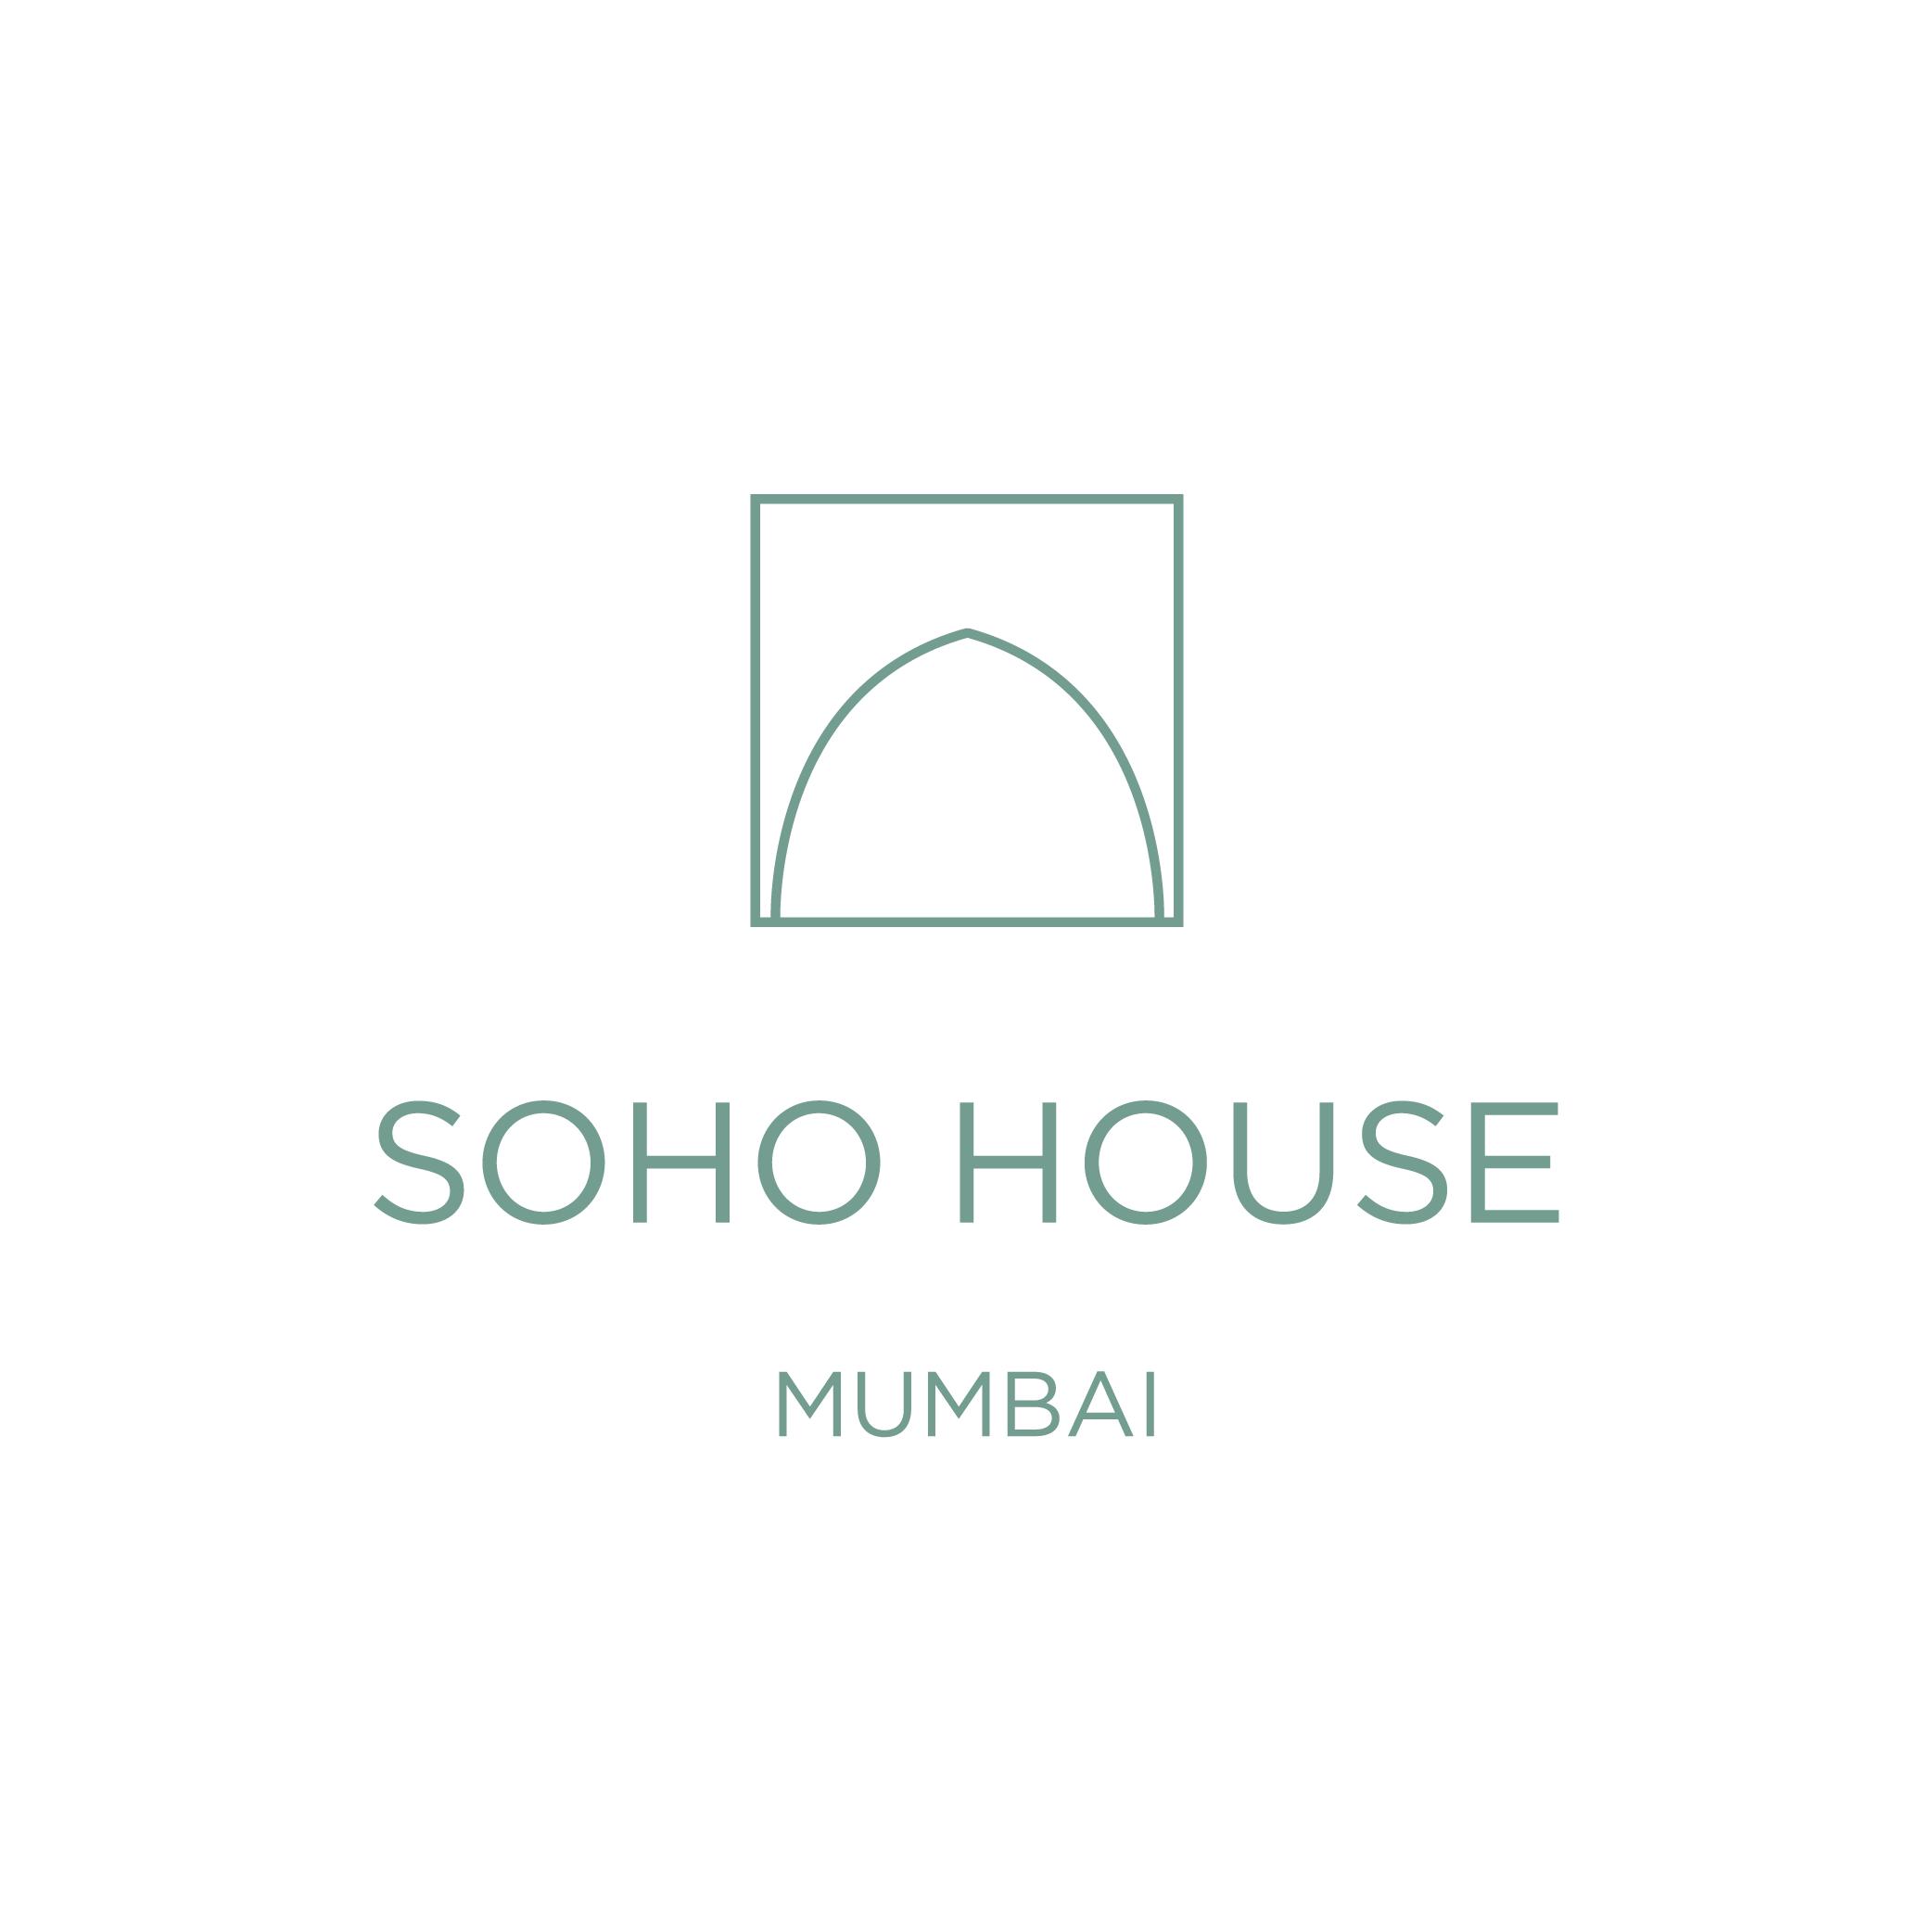 Soho House Mumbai